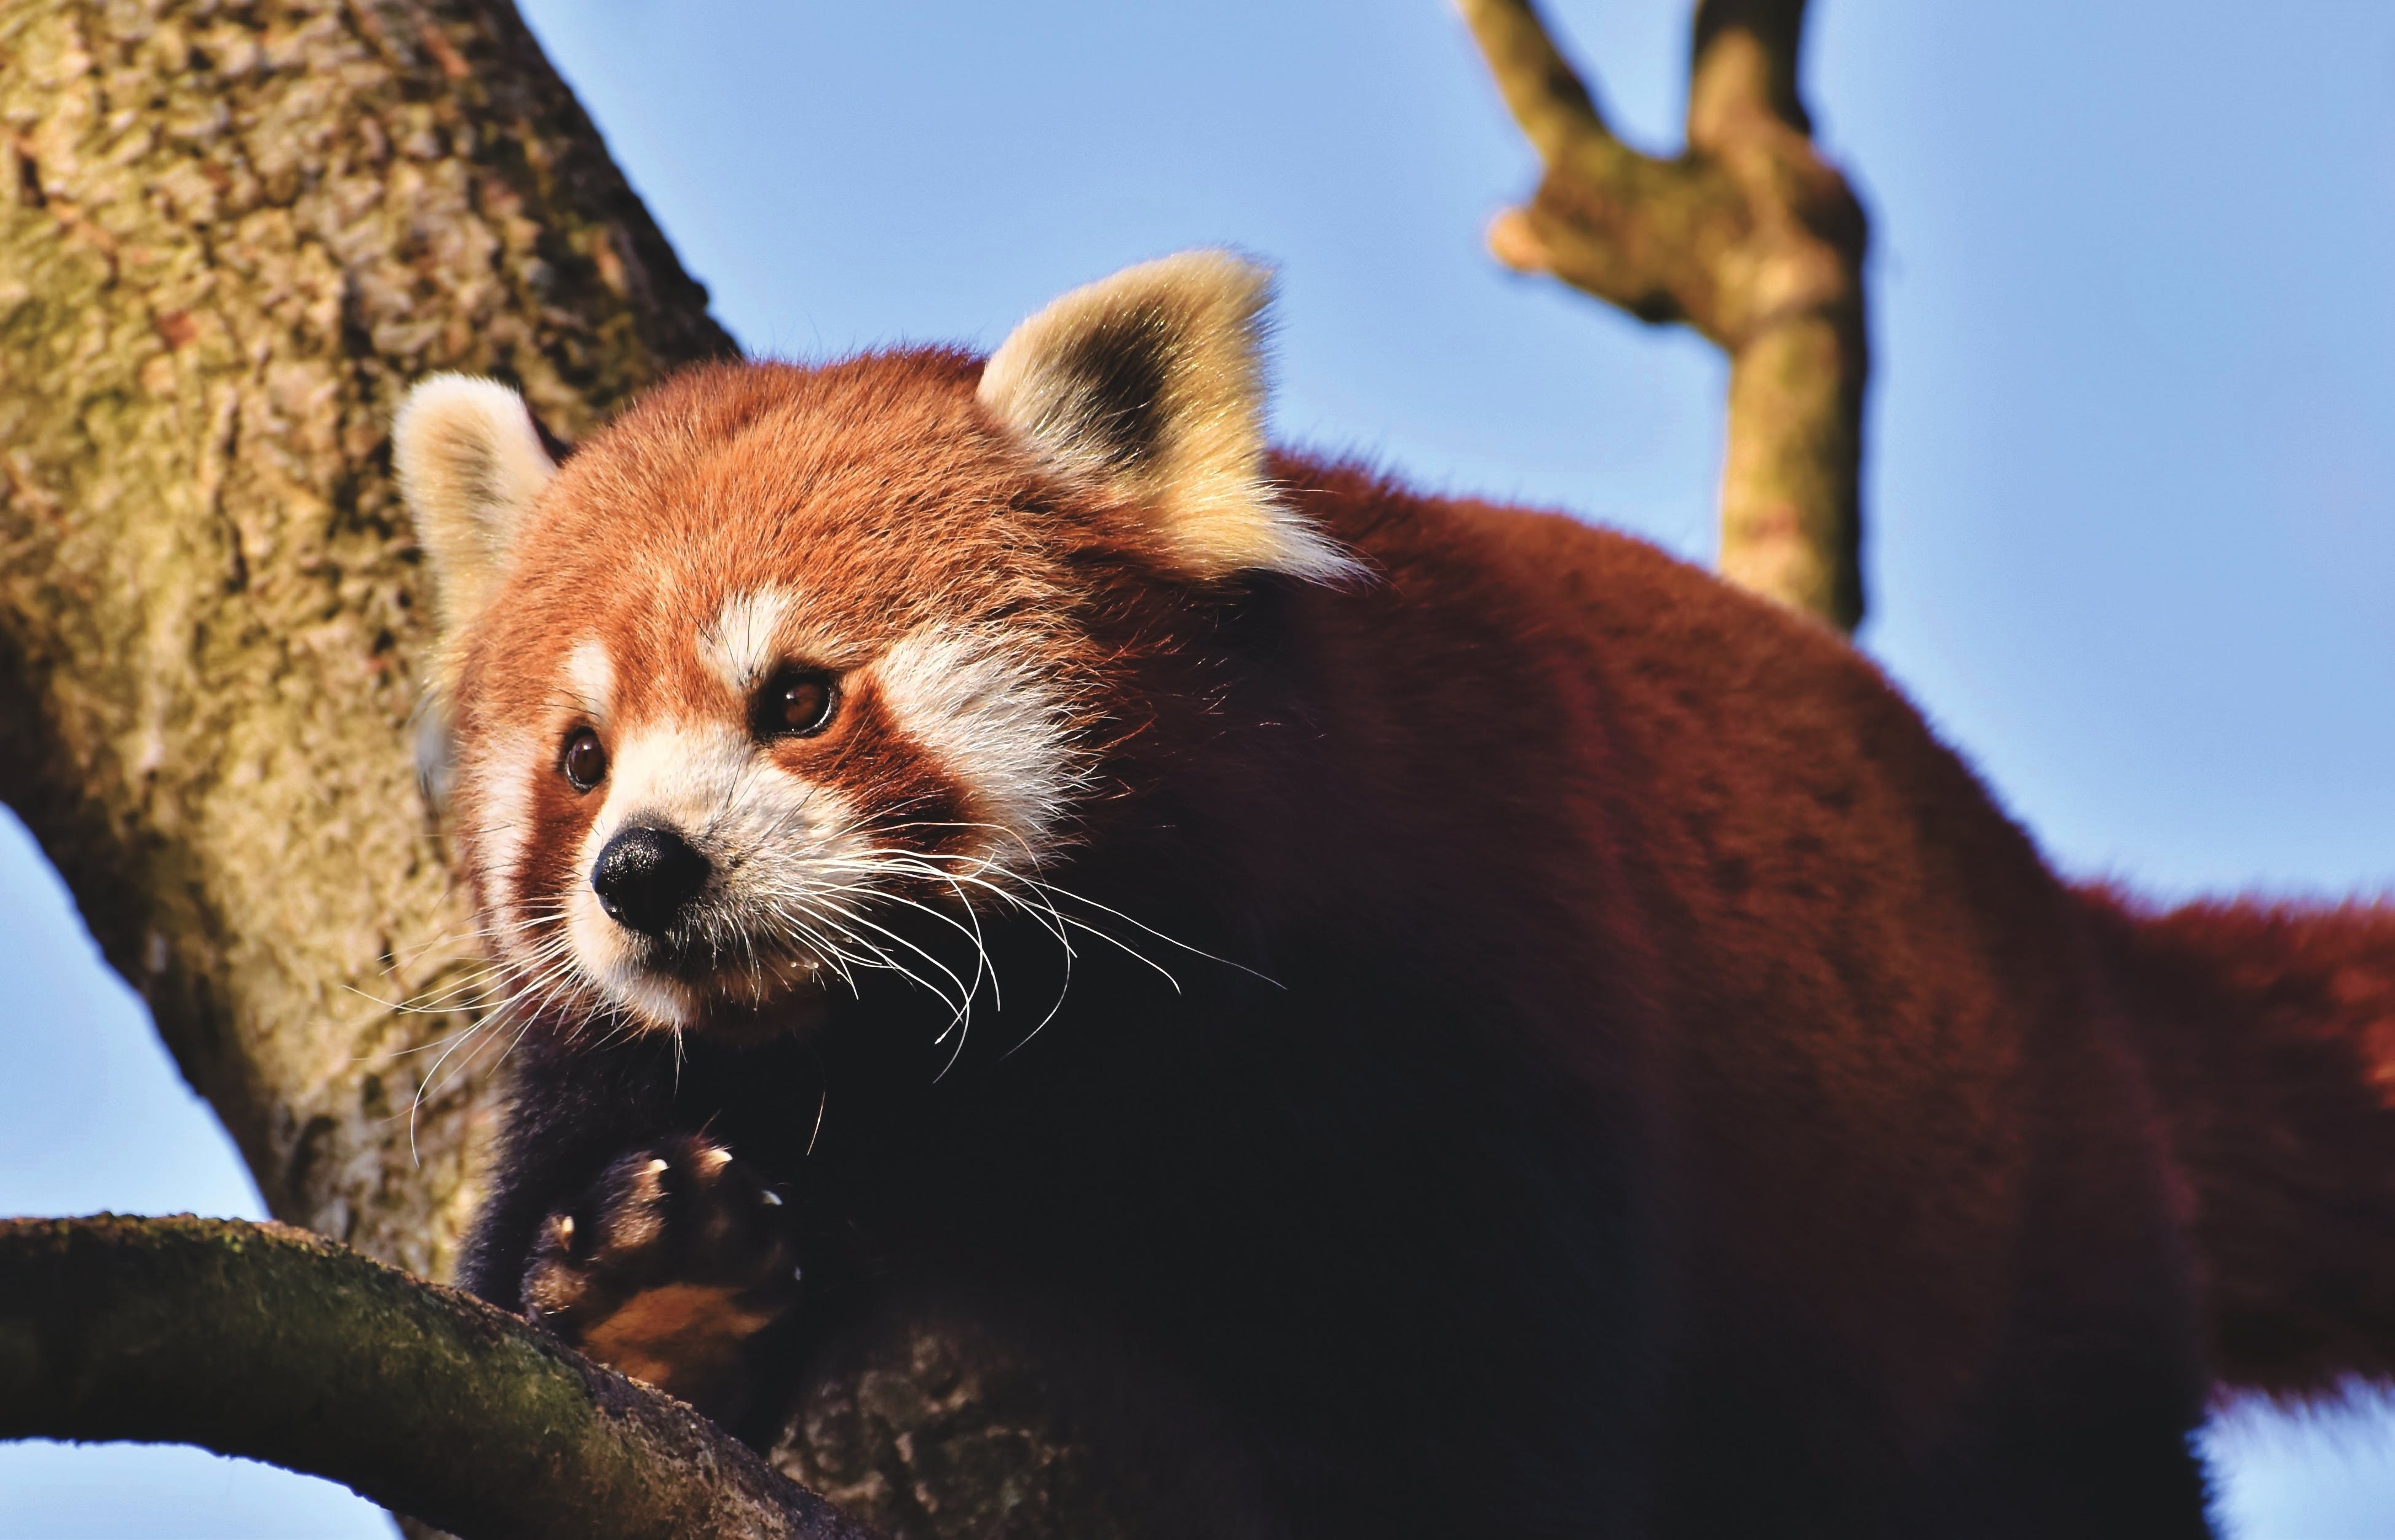 Δωρεάν στοκ φωτογραφιών με άγρια φύση, άγριο ζώο, άγριος, απειλούμενα είδη